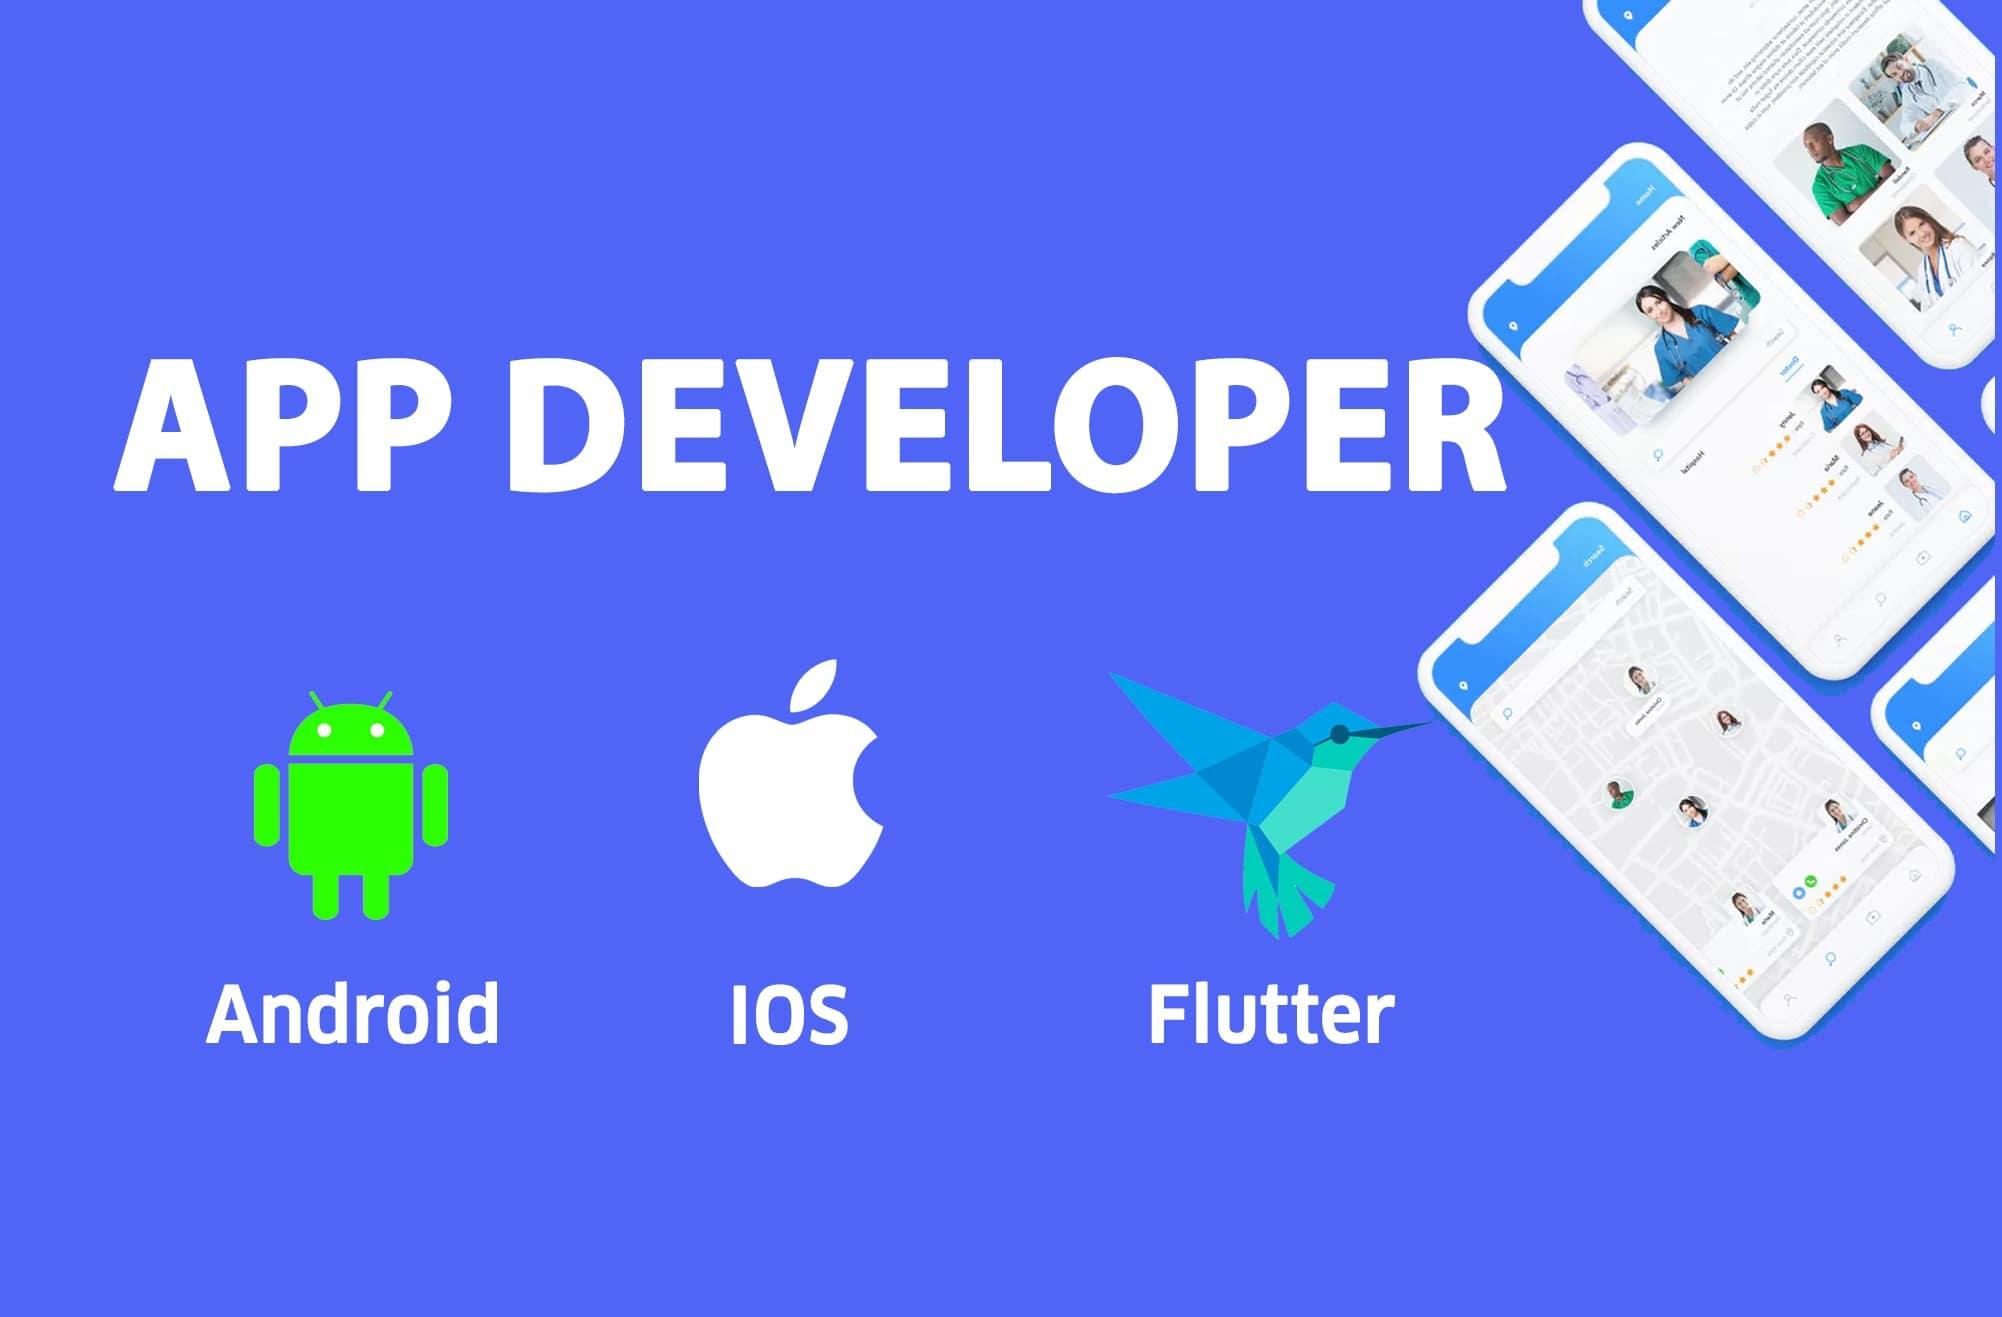 Hiring an App Developer